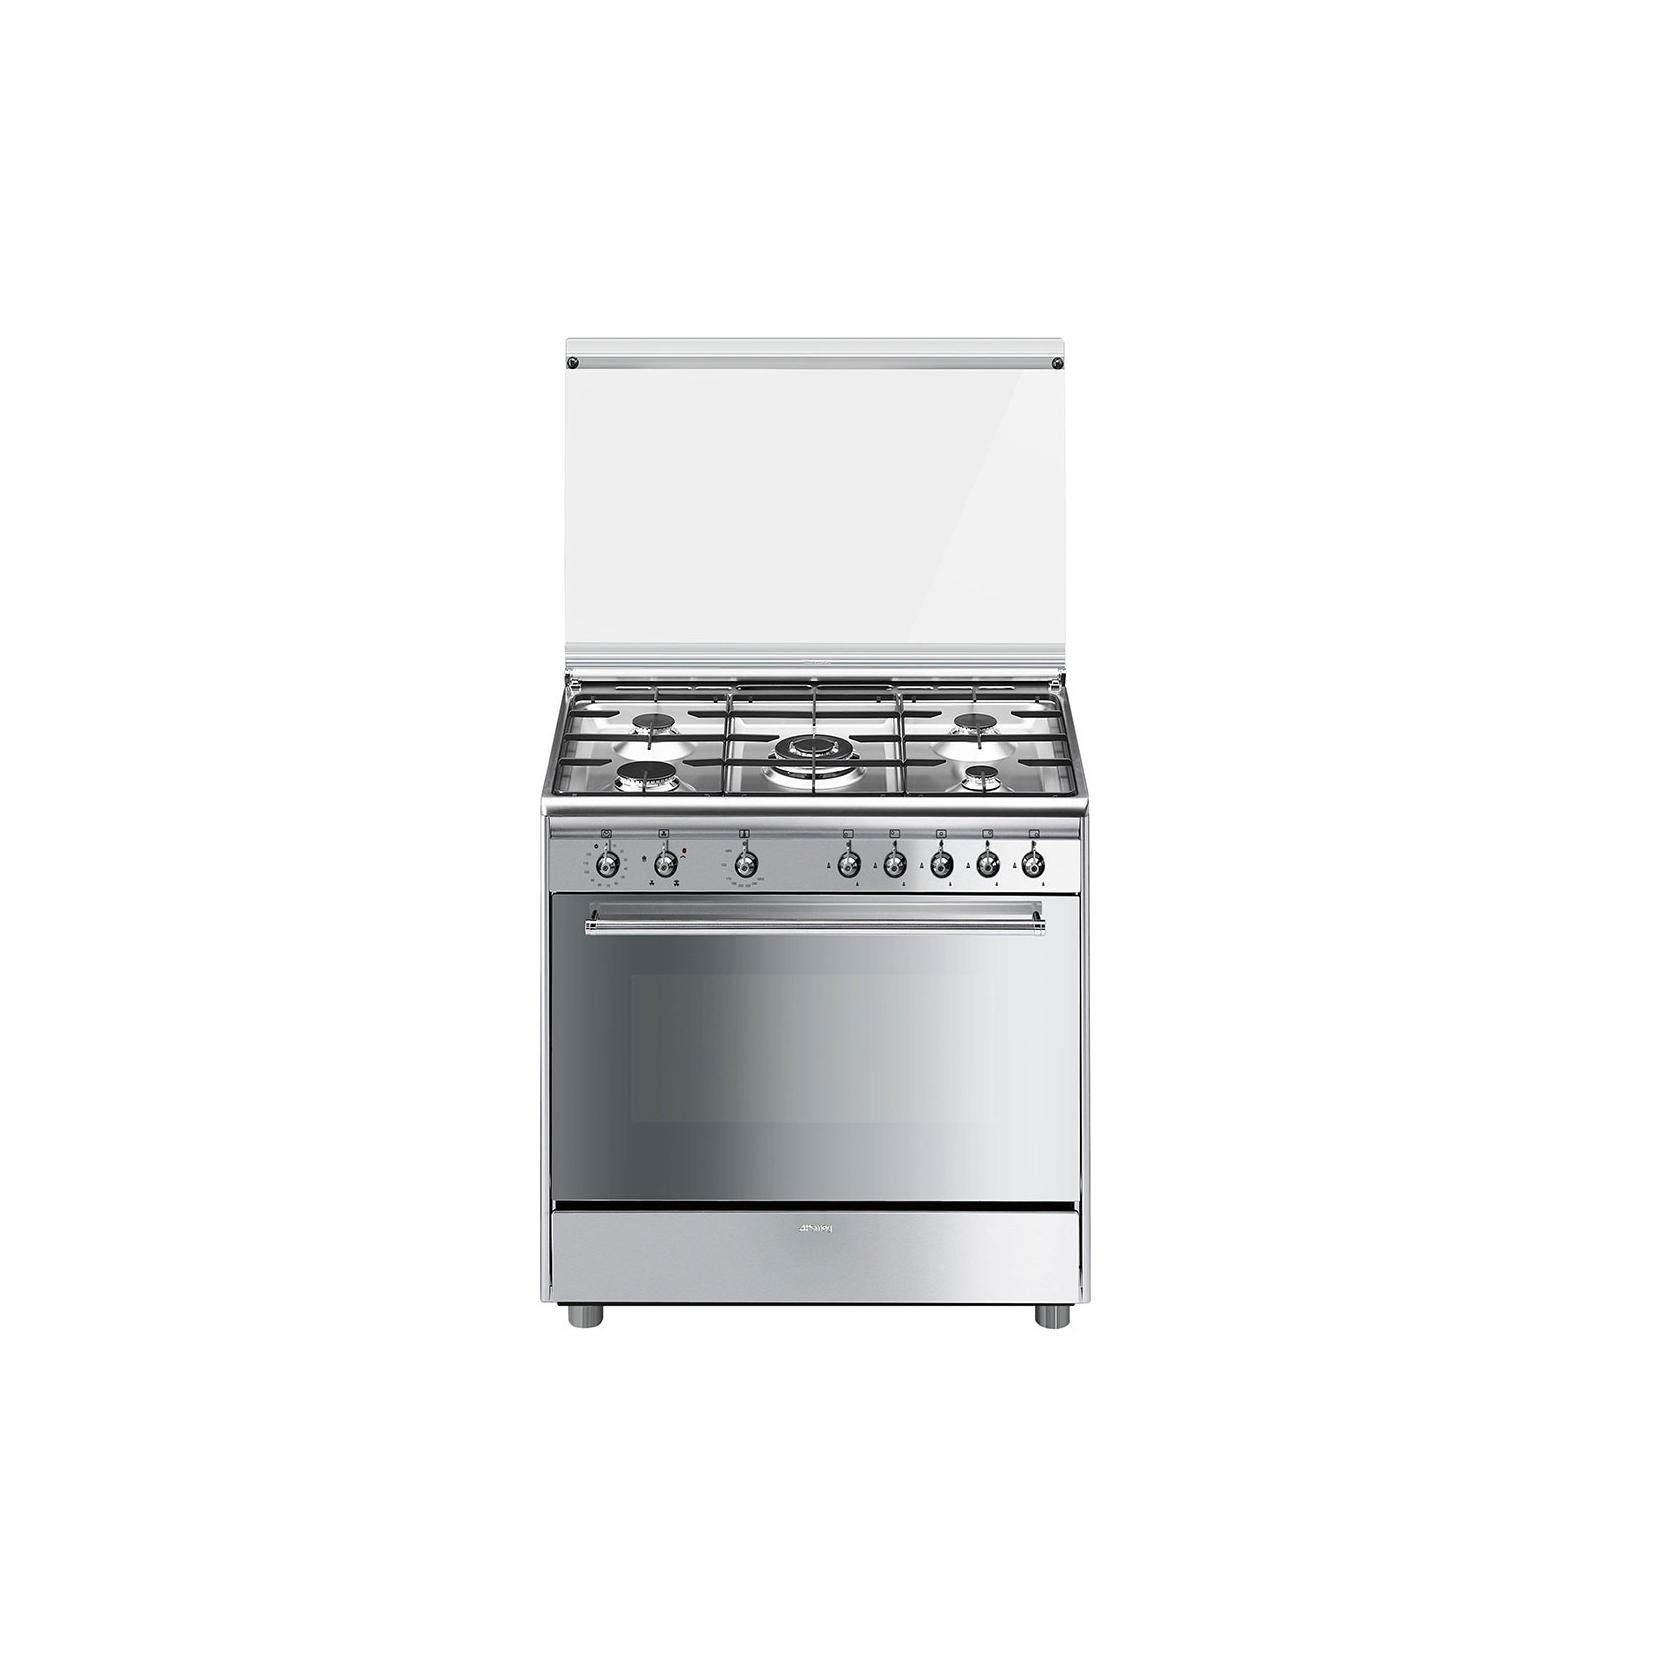 Cucina smeg sx91gve9 forno gas ventilato 5 fuochi 90x60cm colore inox classe a garanzia italia - Cucina a gas smeg ...